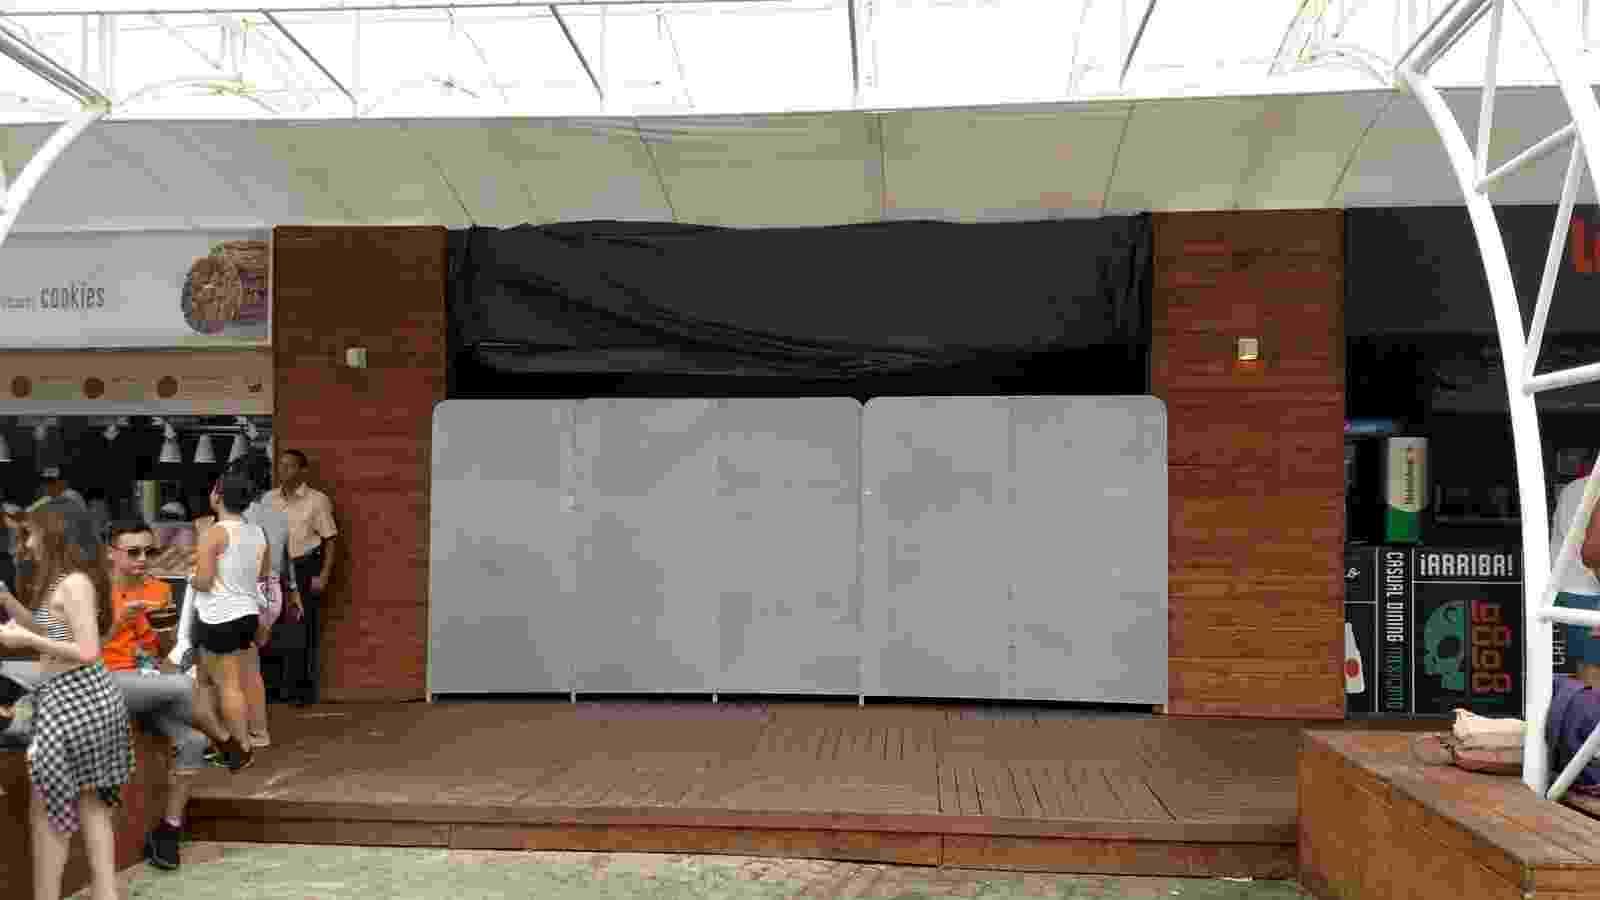 26.set.2015 - Após pequeno incêndio em estande de alimentação próximo ao palco Sunset, local é interditado. - Leonardo Rodrigues/UOL